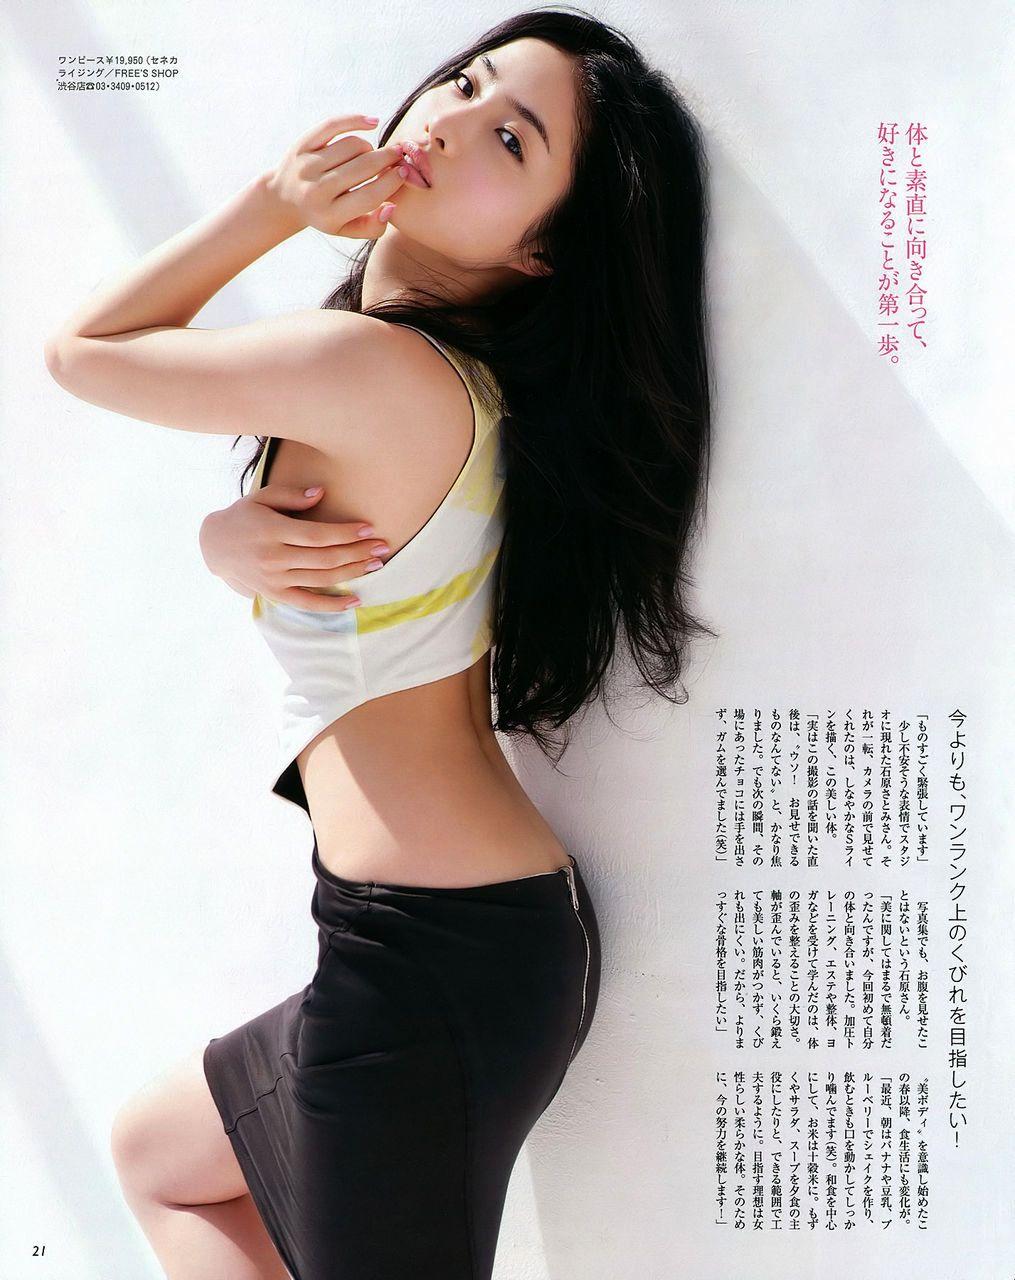 田中 みな 実 写真 集 ヌード